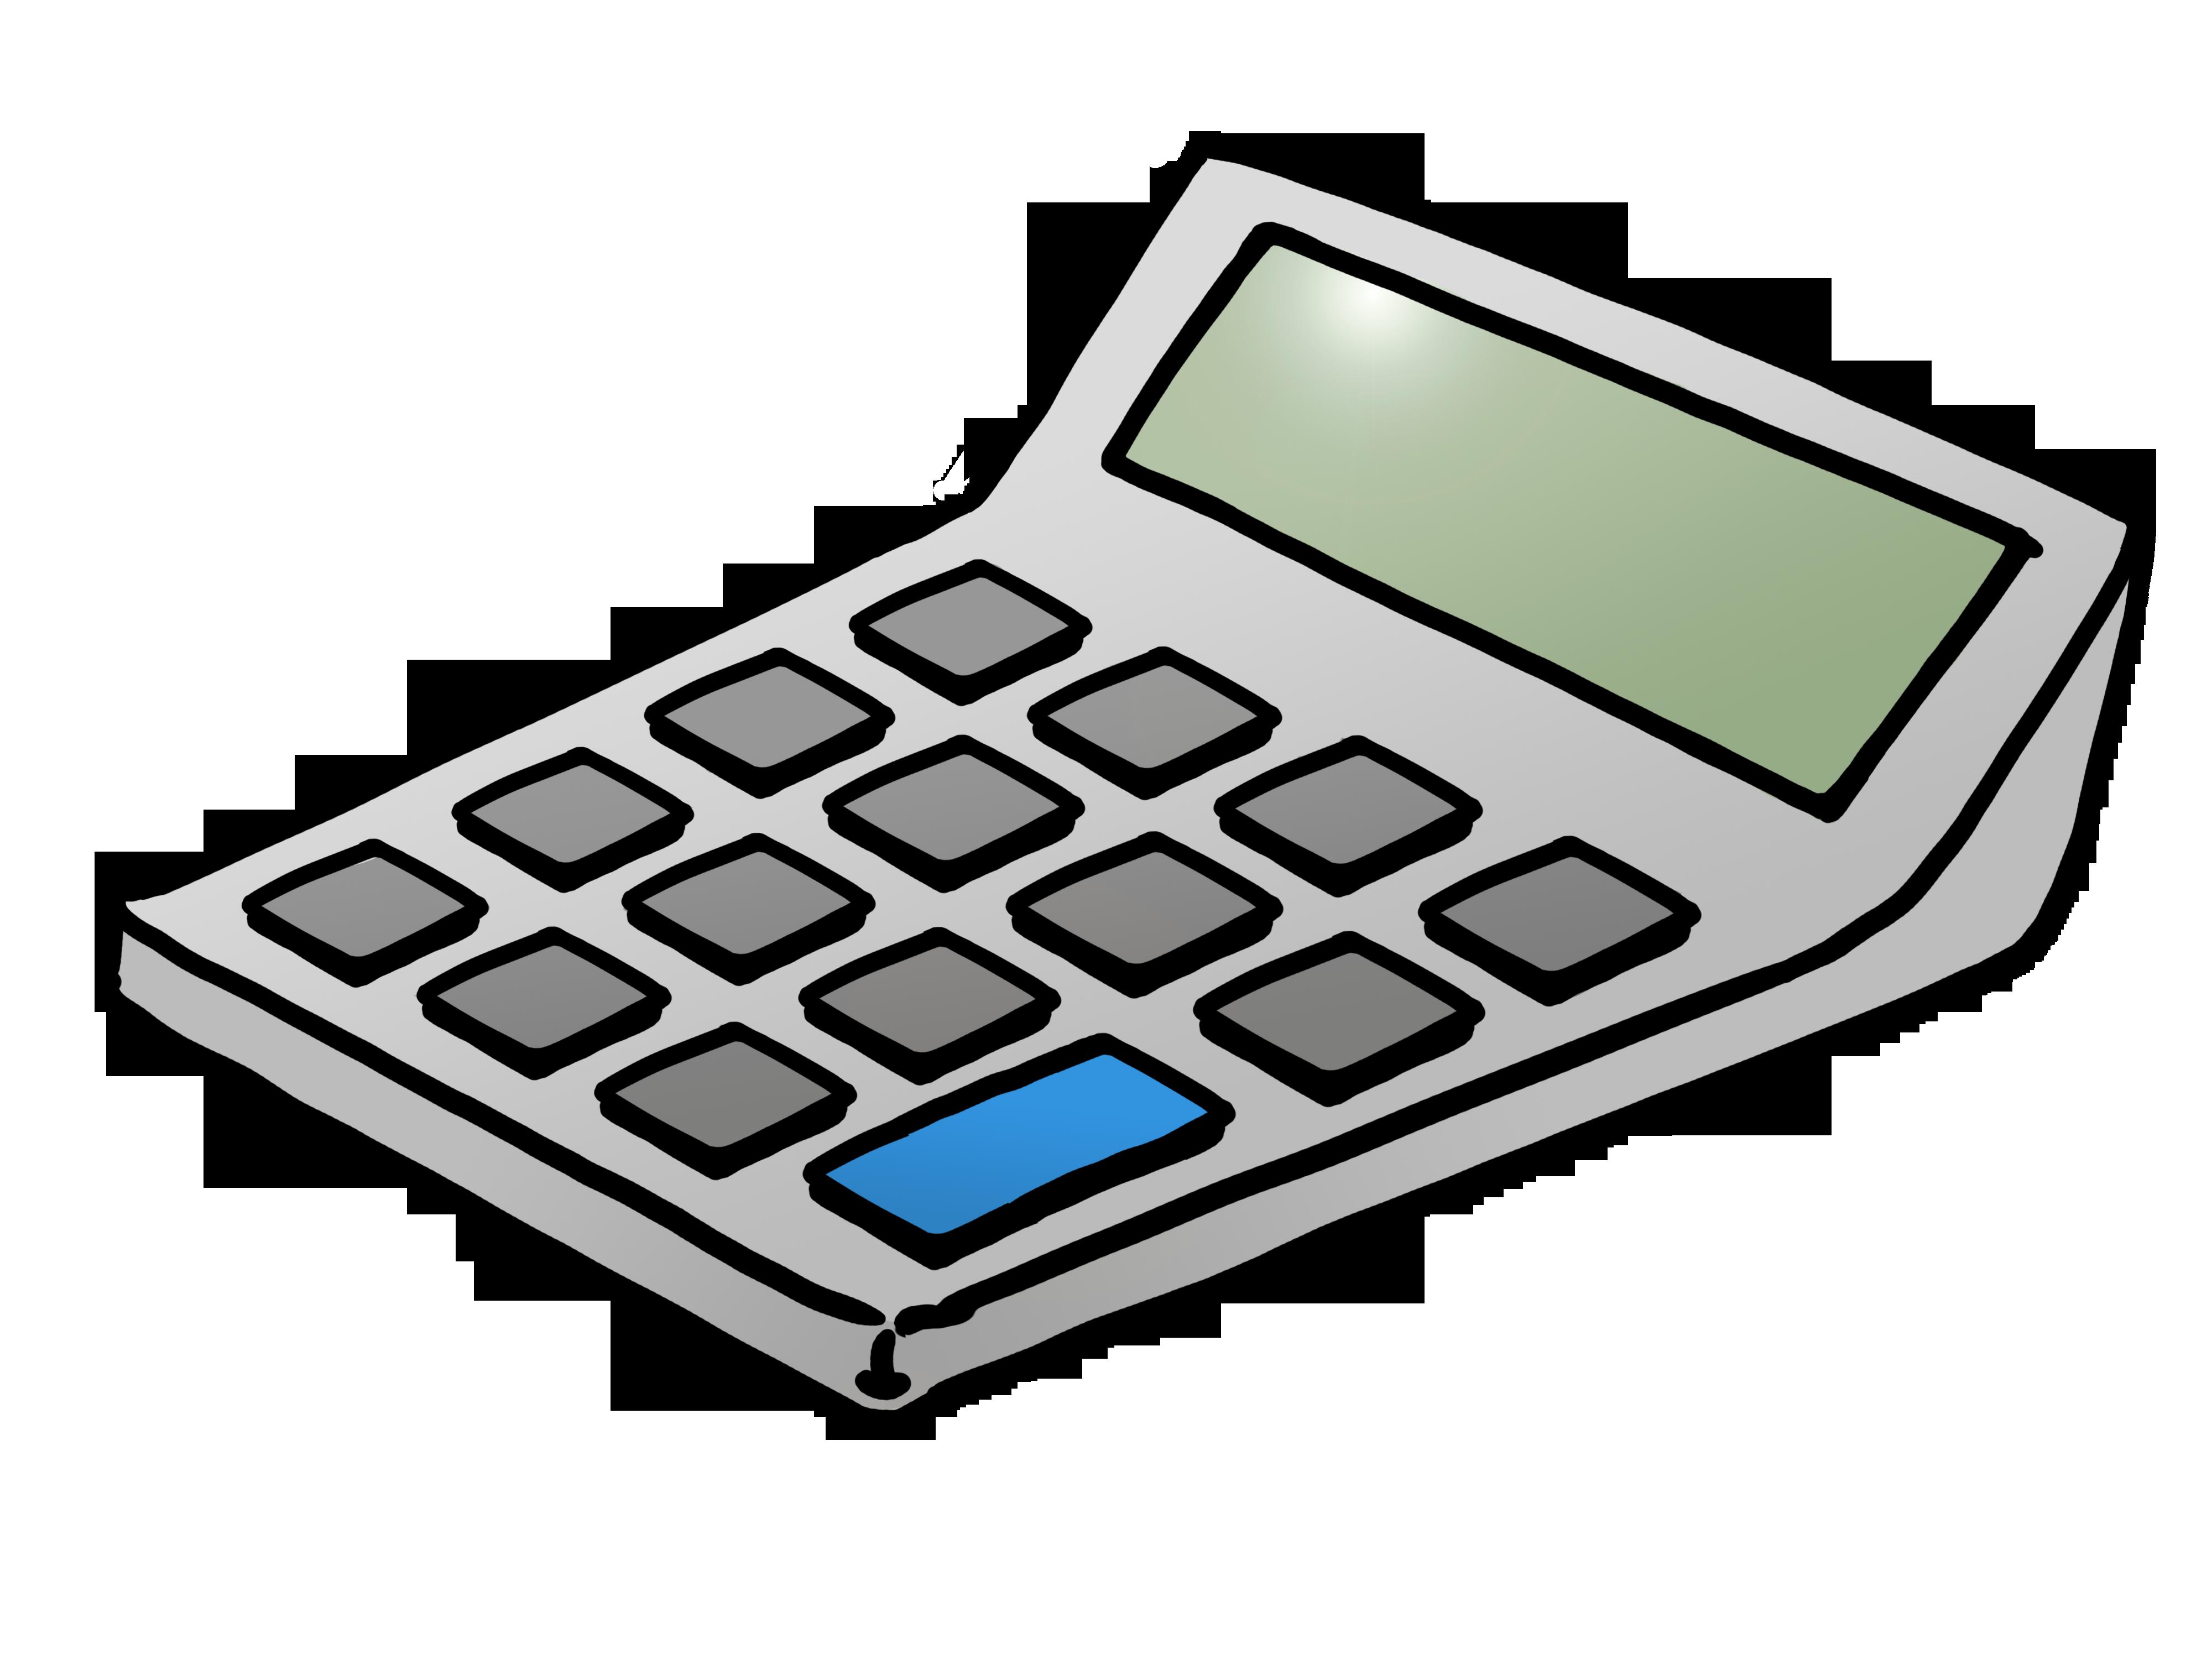 Free . White clipart calculator